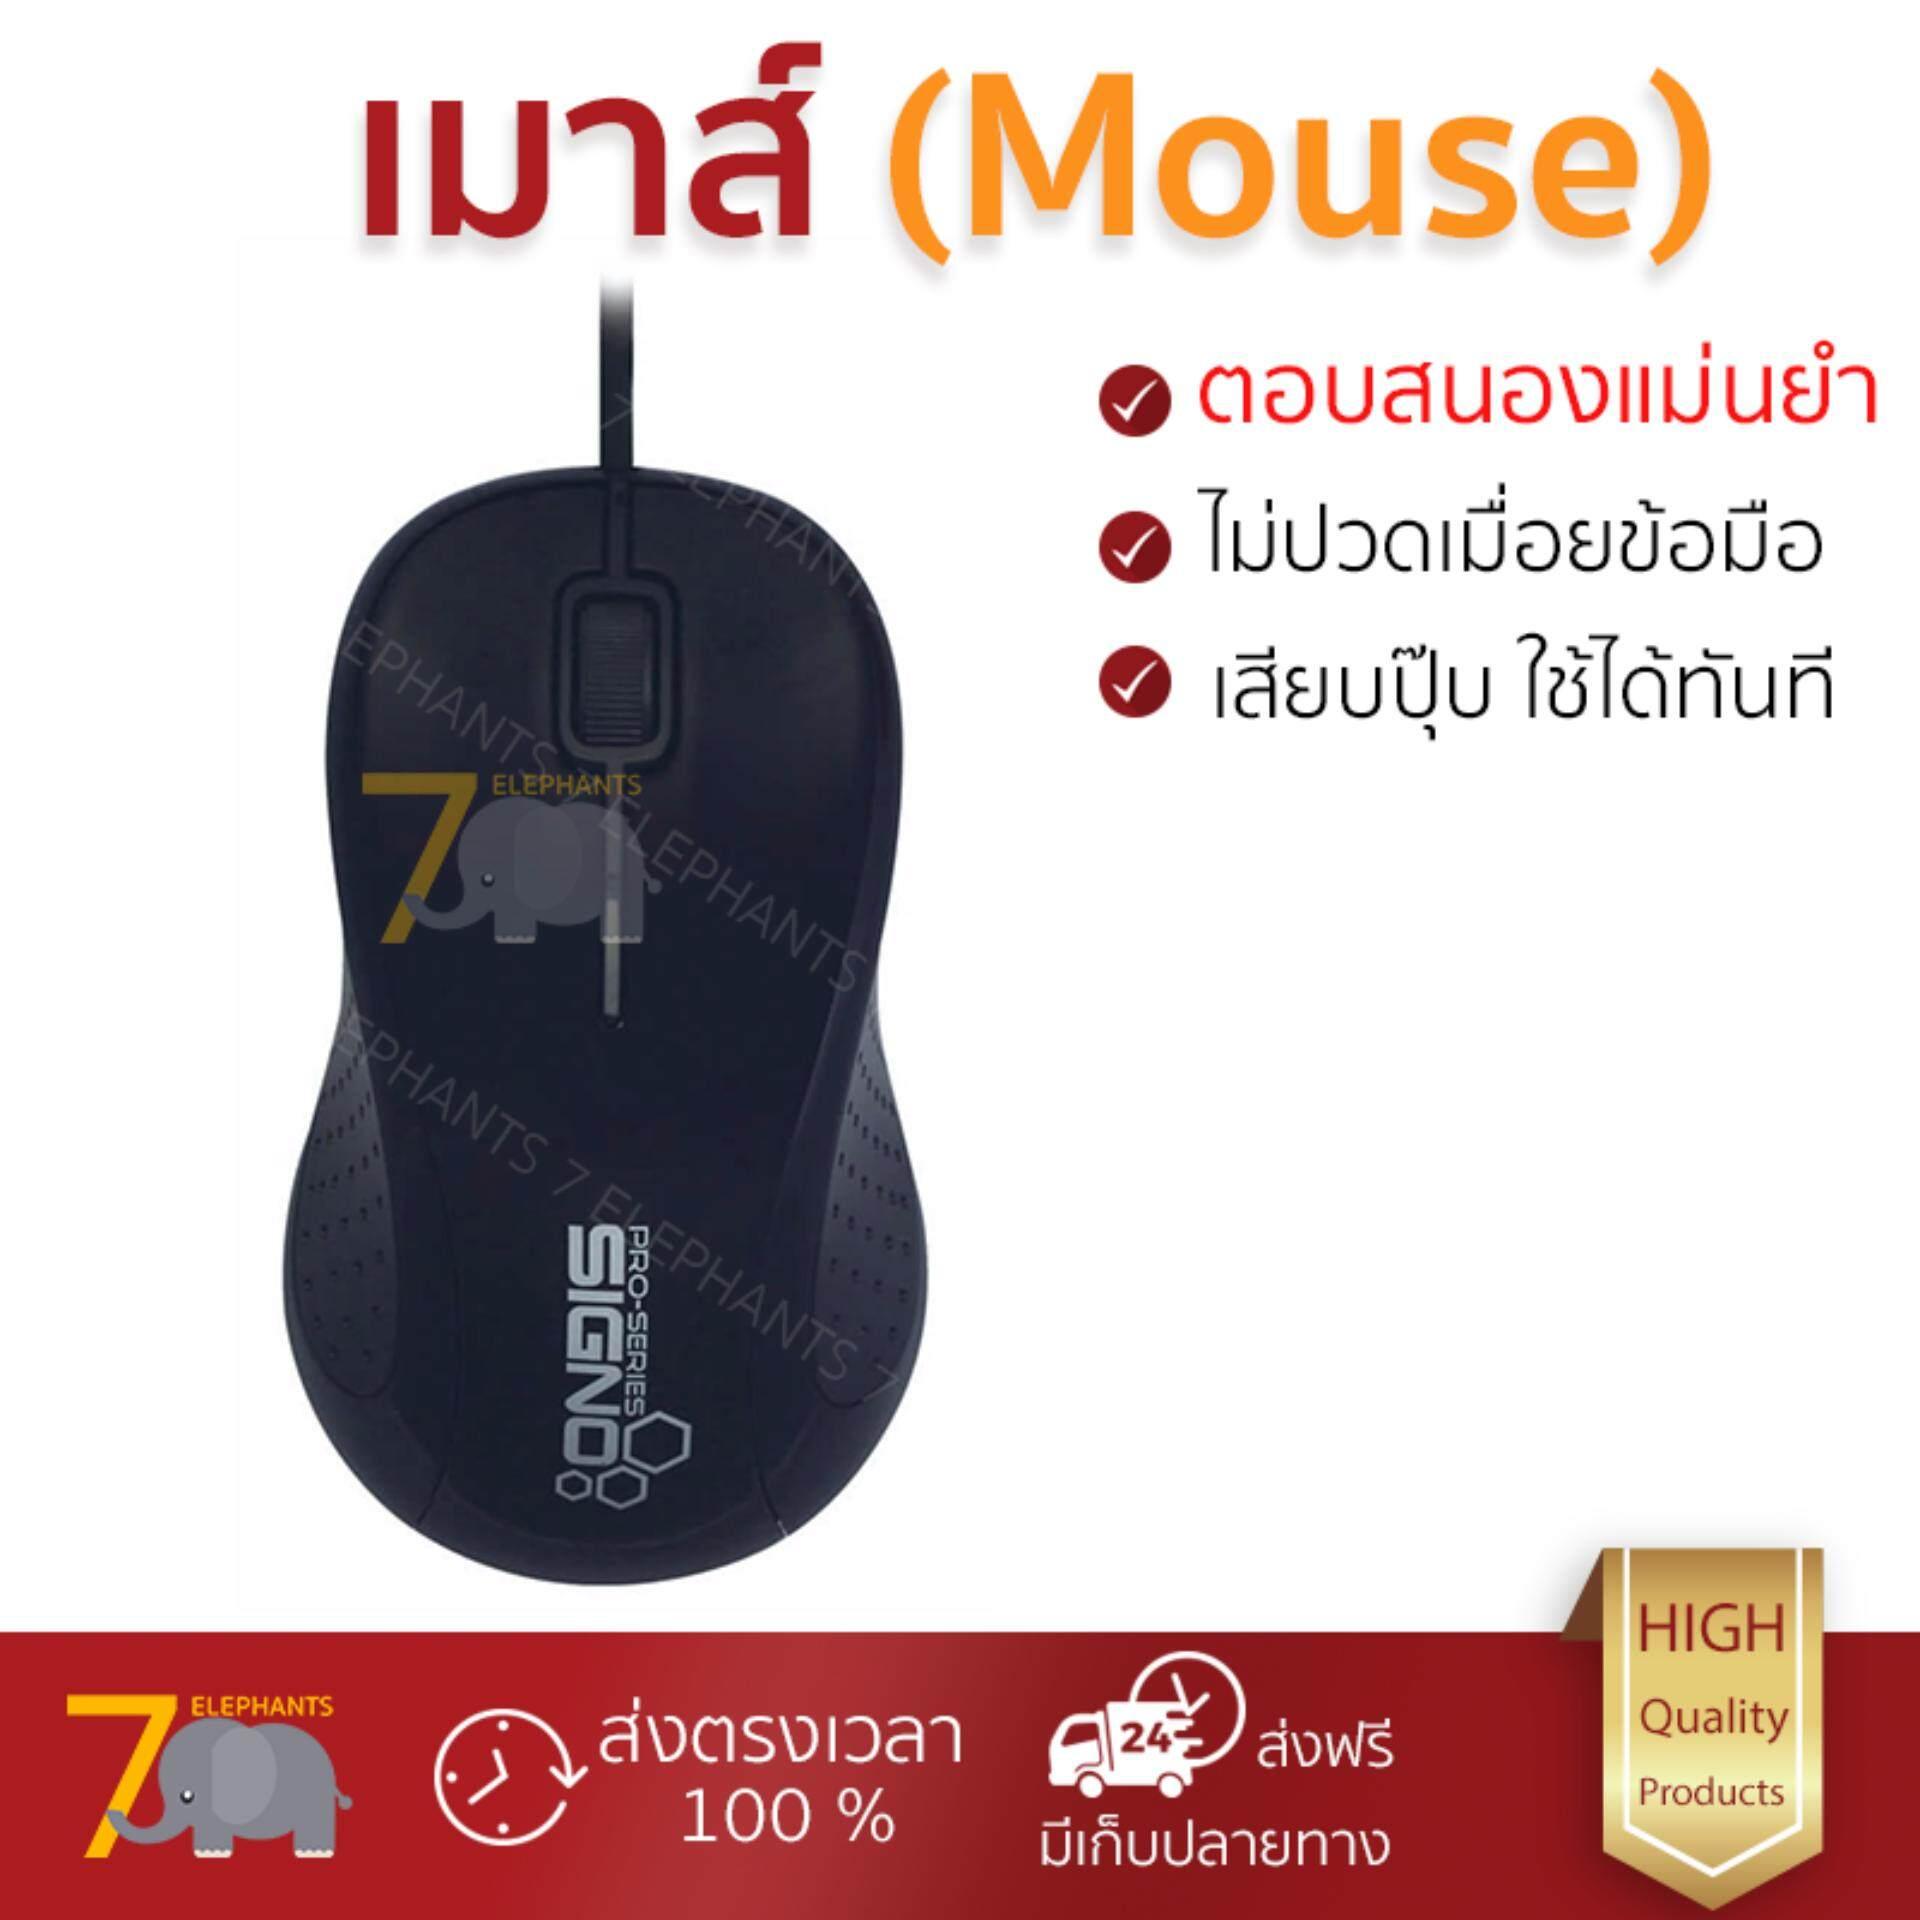 สุดยอดสินค้า!! รุ่นใหม่ล่าสุด เมาส์           SIGNO เมาส์ (สีดำ) รุ่น MO-240BLK             เซนเซอร์คุณภาพสูง ทำงานได้ลื่นไหล ไม่มีสะดุด Computer Mouse  รับประกันสินค้า 1 ปี จัดส่งฟรี Kerry ทั่วประเทศ